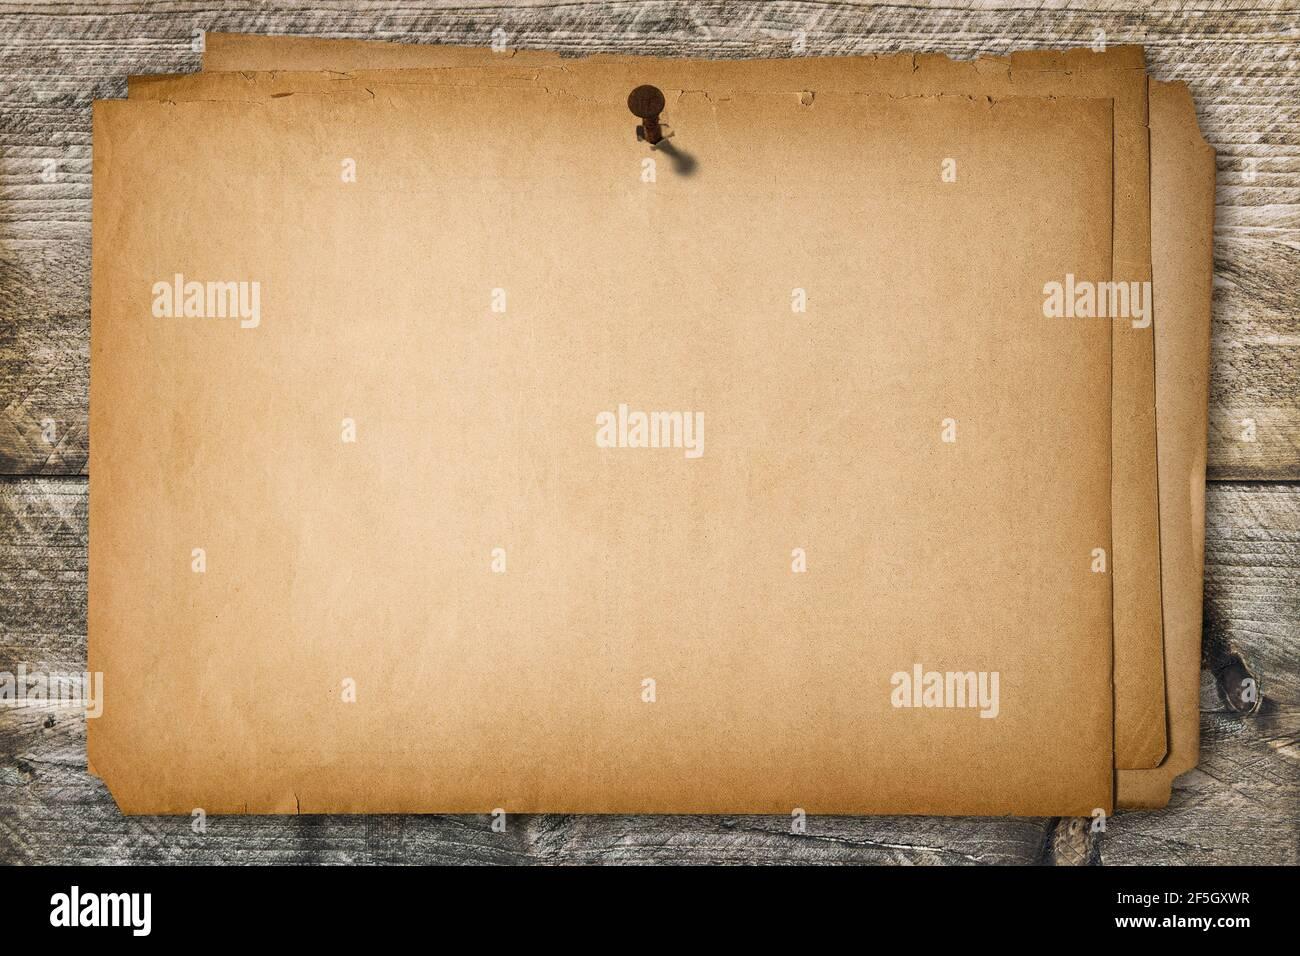 Affiche en papier vierge grundy sur la texture en bois du mur abîmé. Arrière-plan papier ancien Banque D'Images